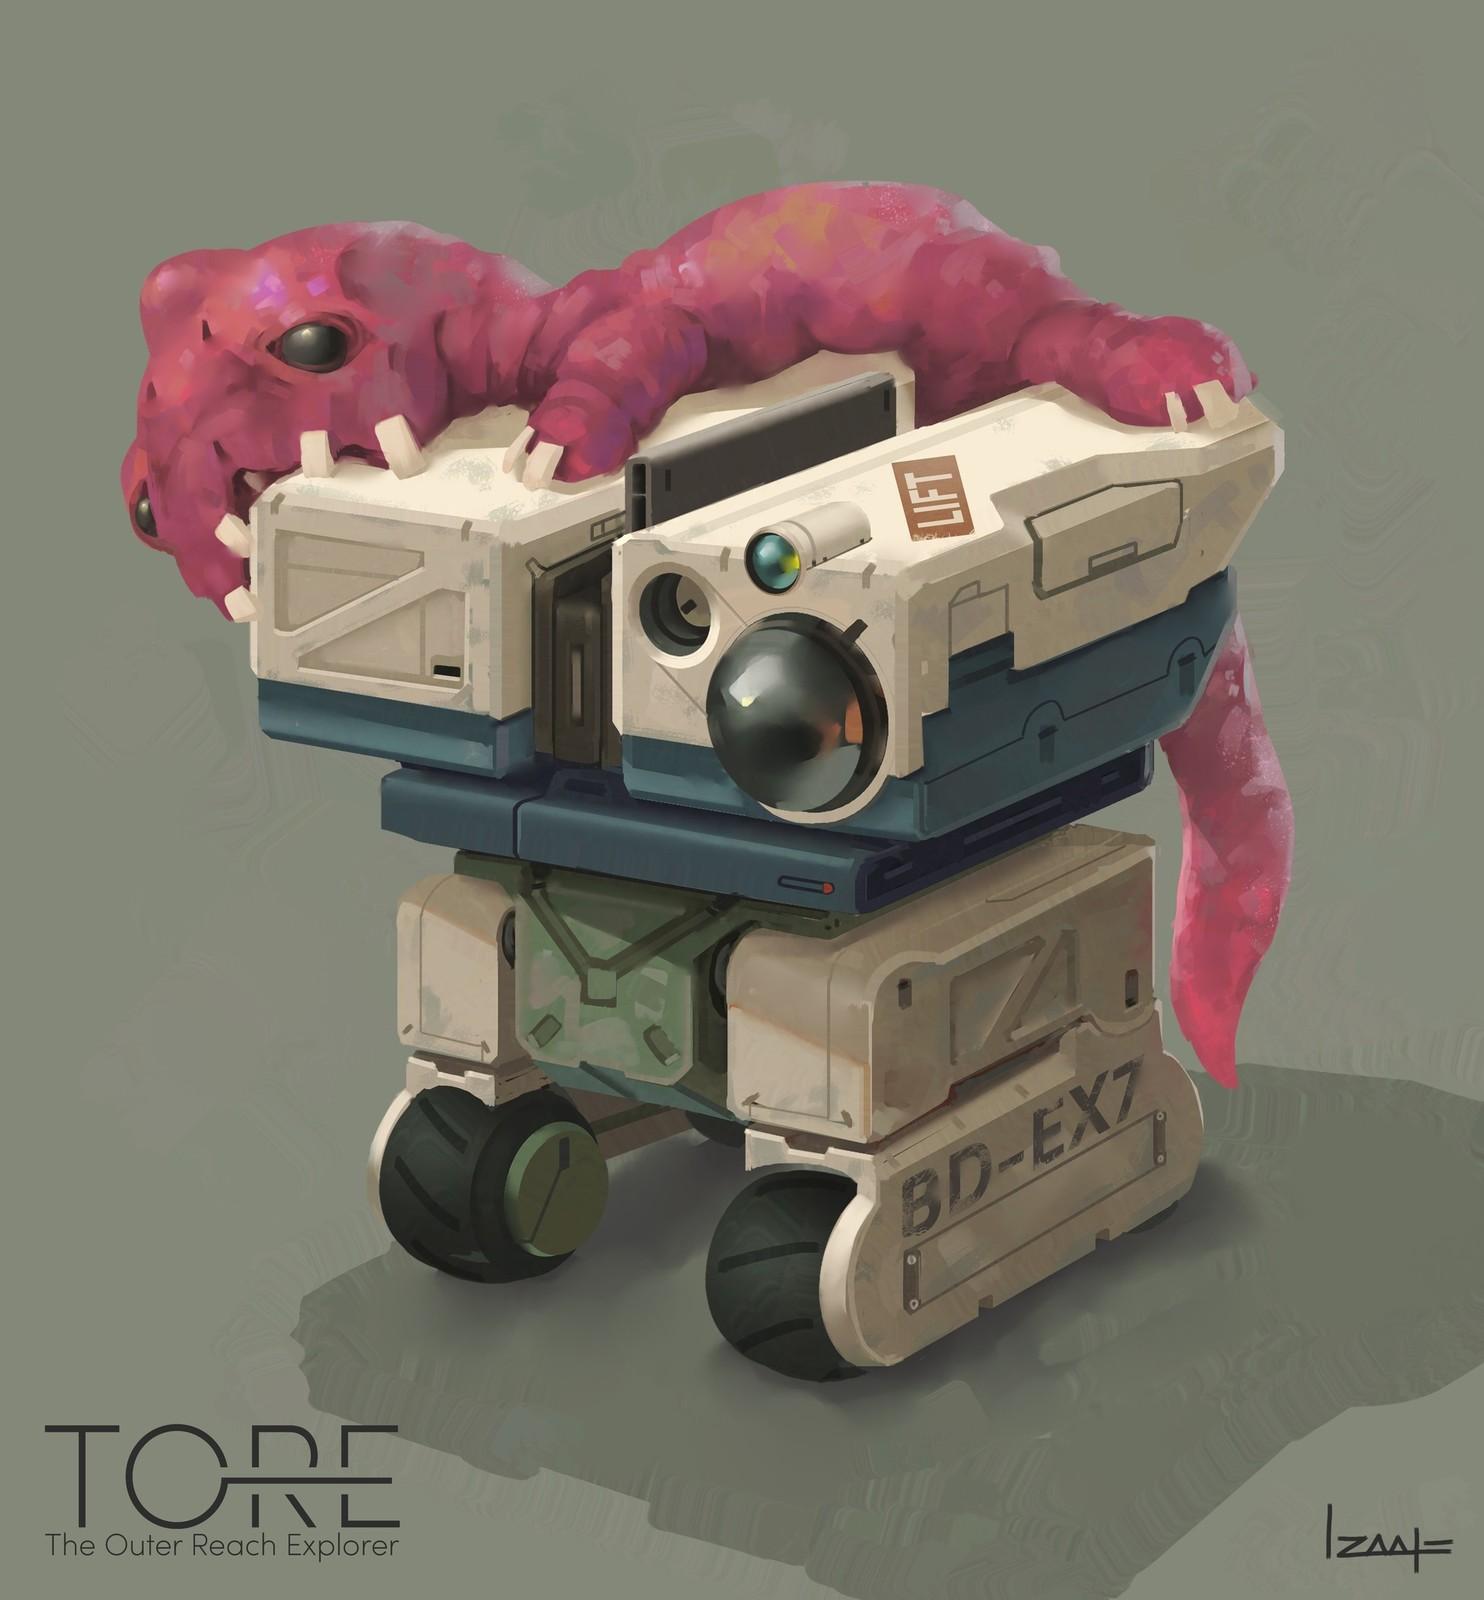 TORE Droid Design